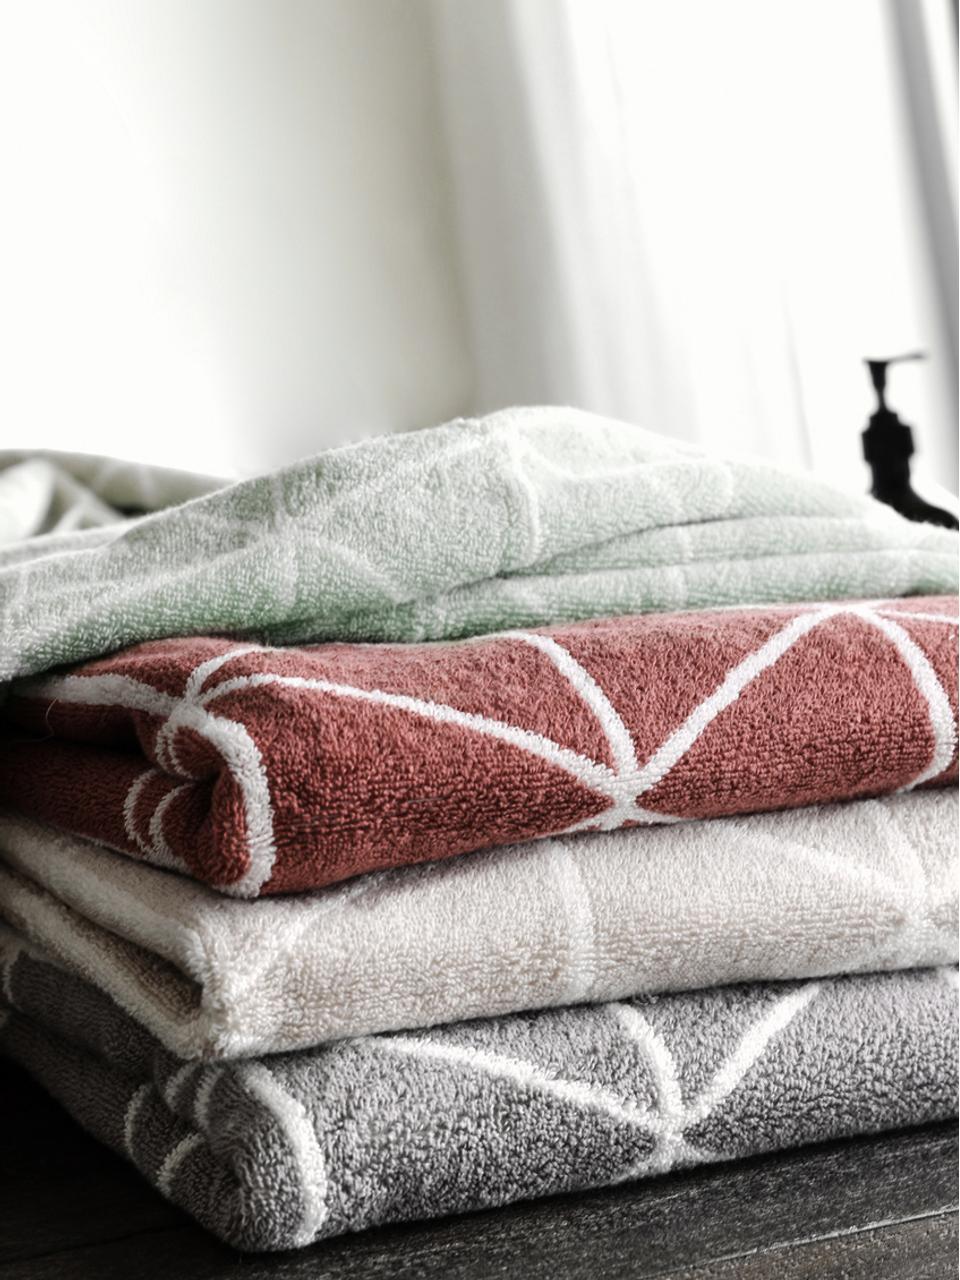 Asciugamano reversibile con motivo grafico Elina, 100% cotone, qualità media 550g/m², Verde menta, bianco crema, Asciugamano per ospiti